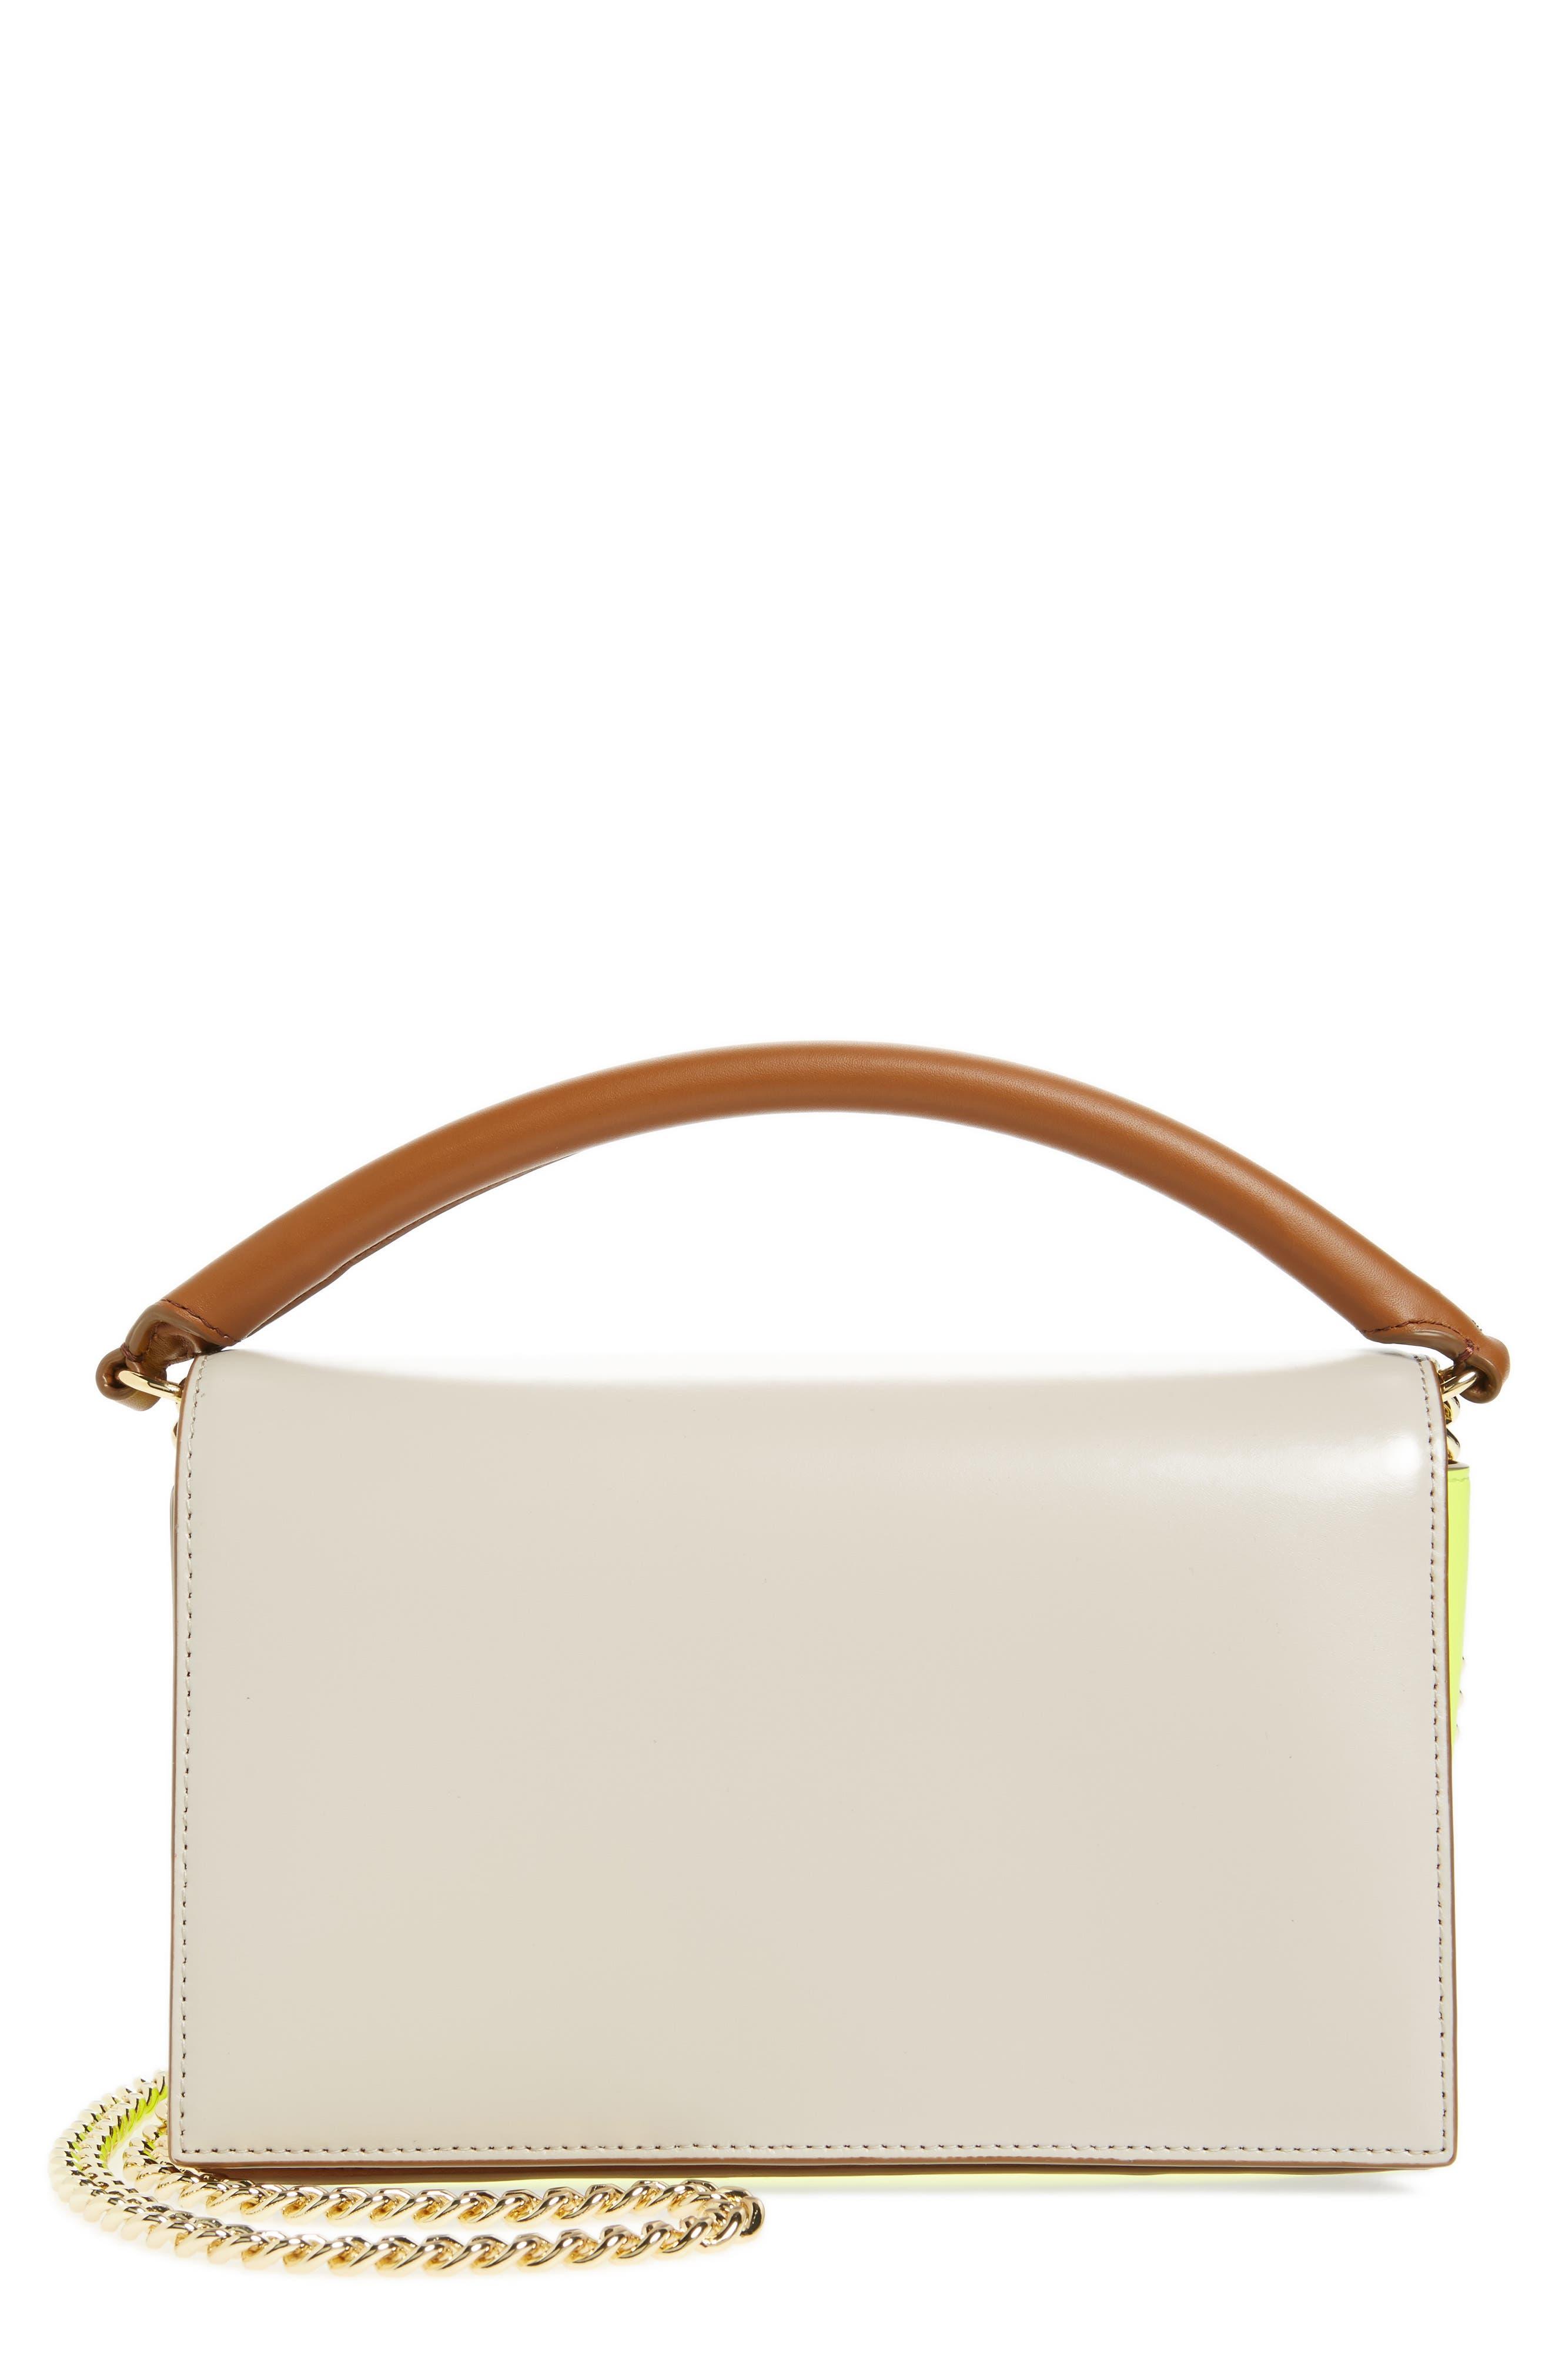 Diane von Furstenberg Bonne Soirée Leather Top Handle Bag